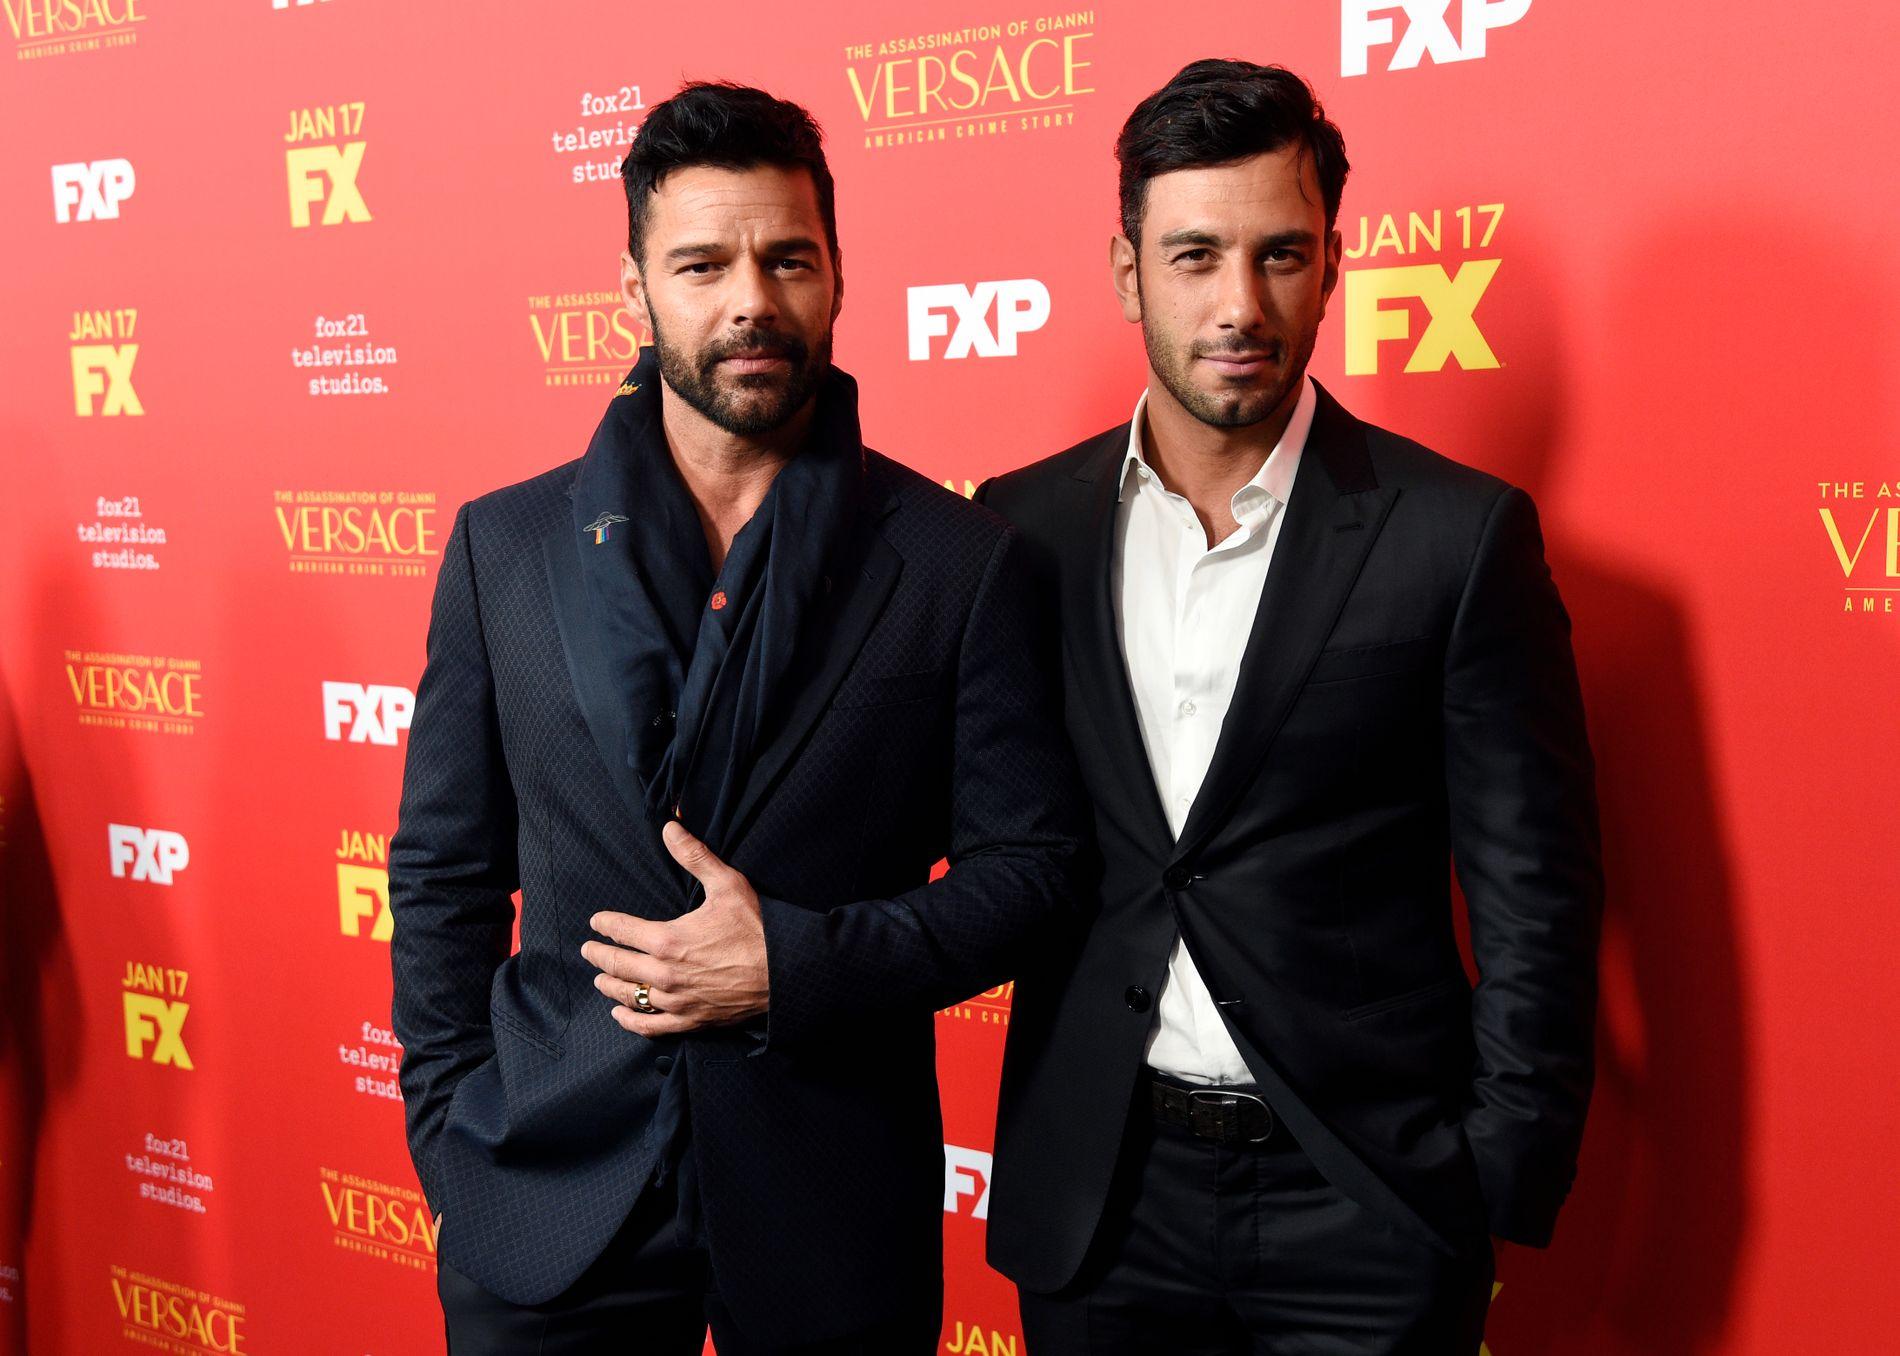 PÅ PREMIERE: Ricky Martin og Jwan Yosef på førvisning av TV-serien «The Assassination of Gianni Versace: American Crime Story» i Hollywood mandag.